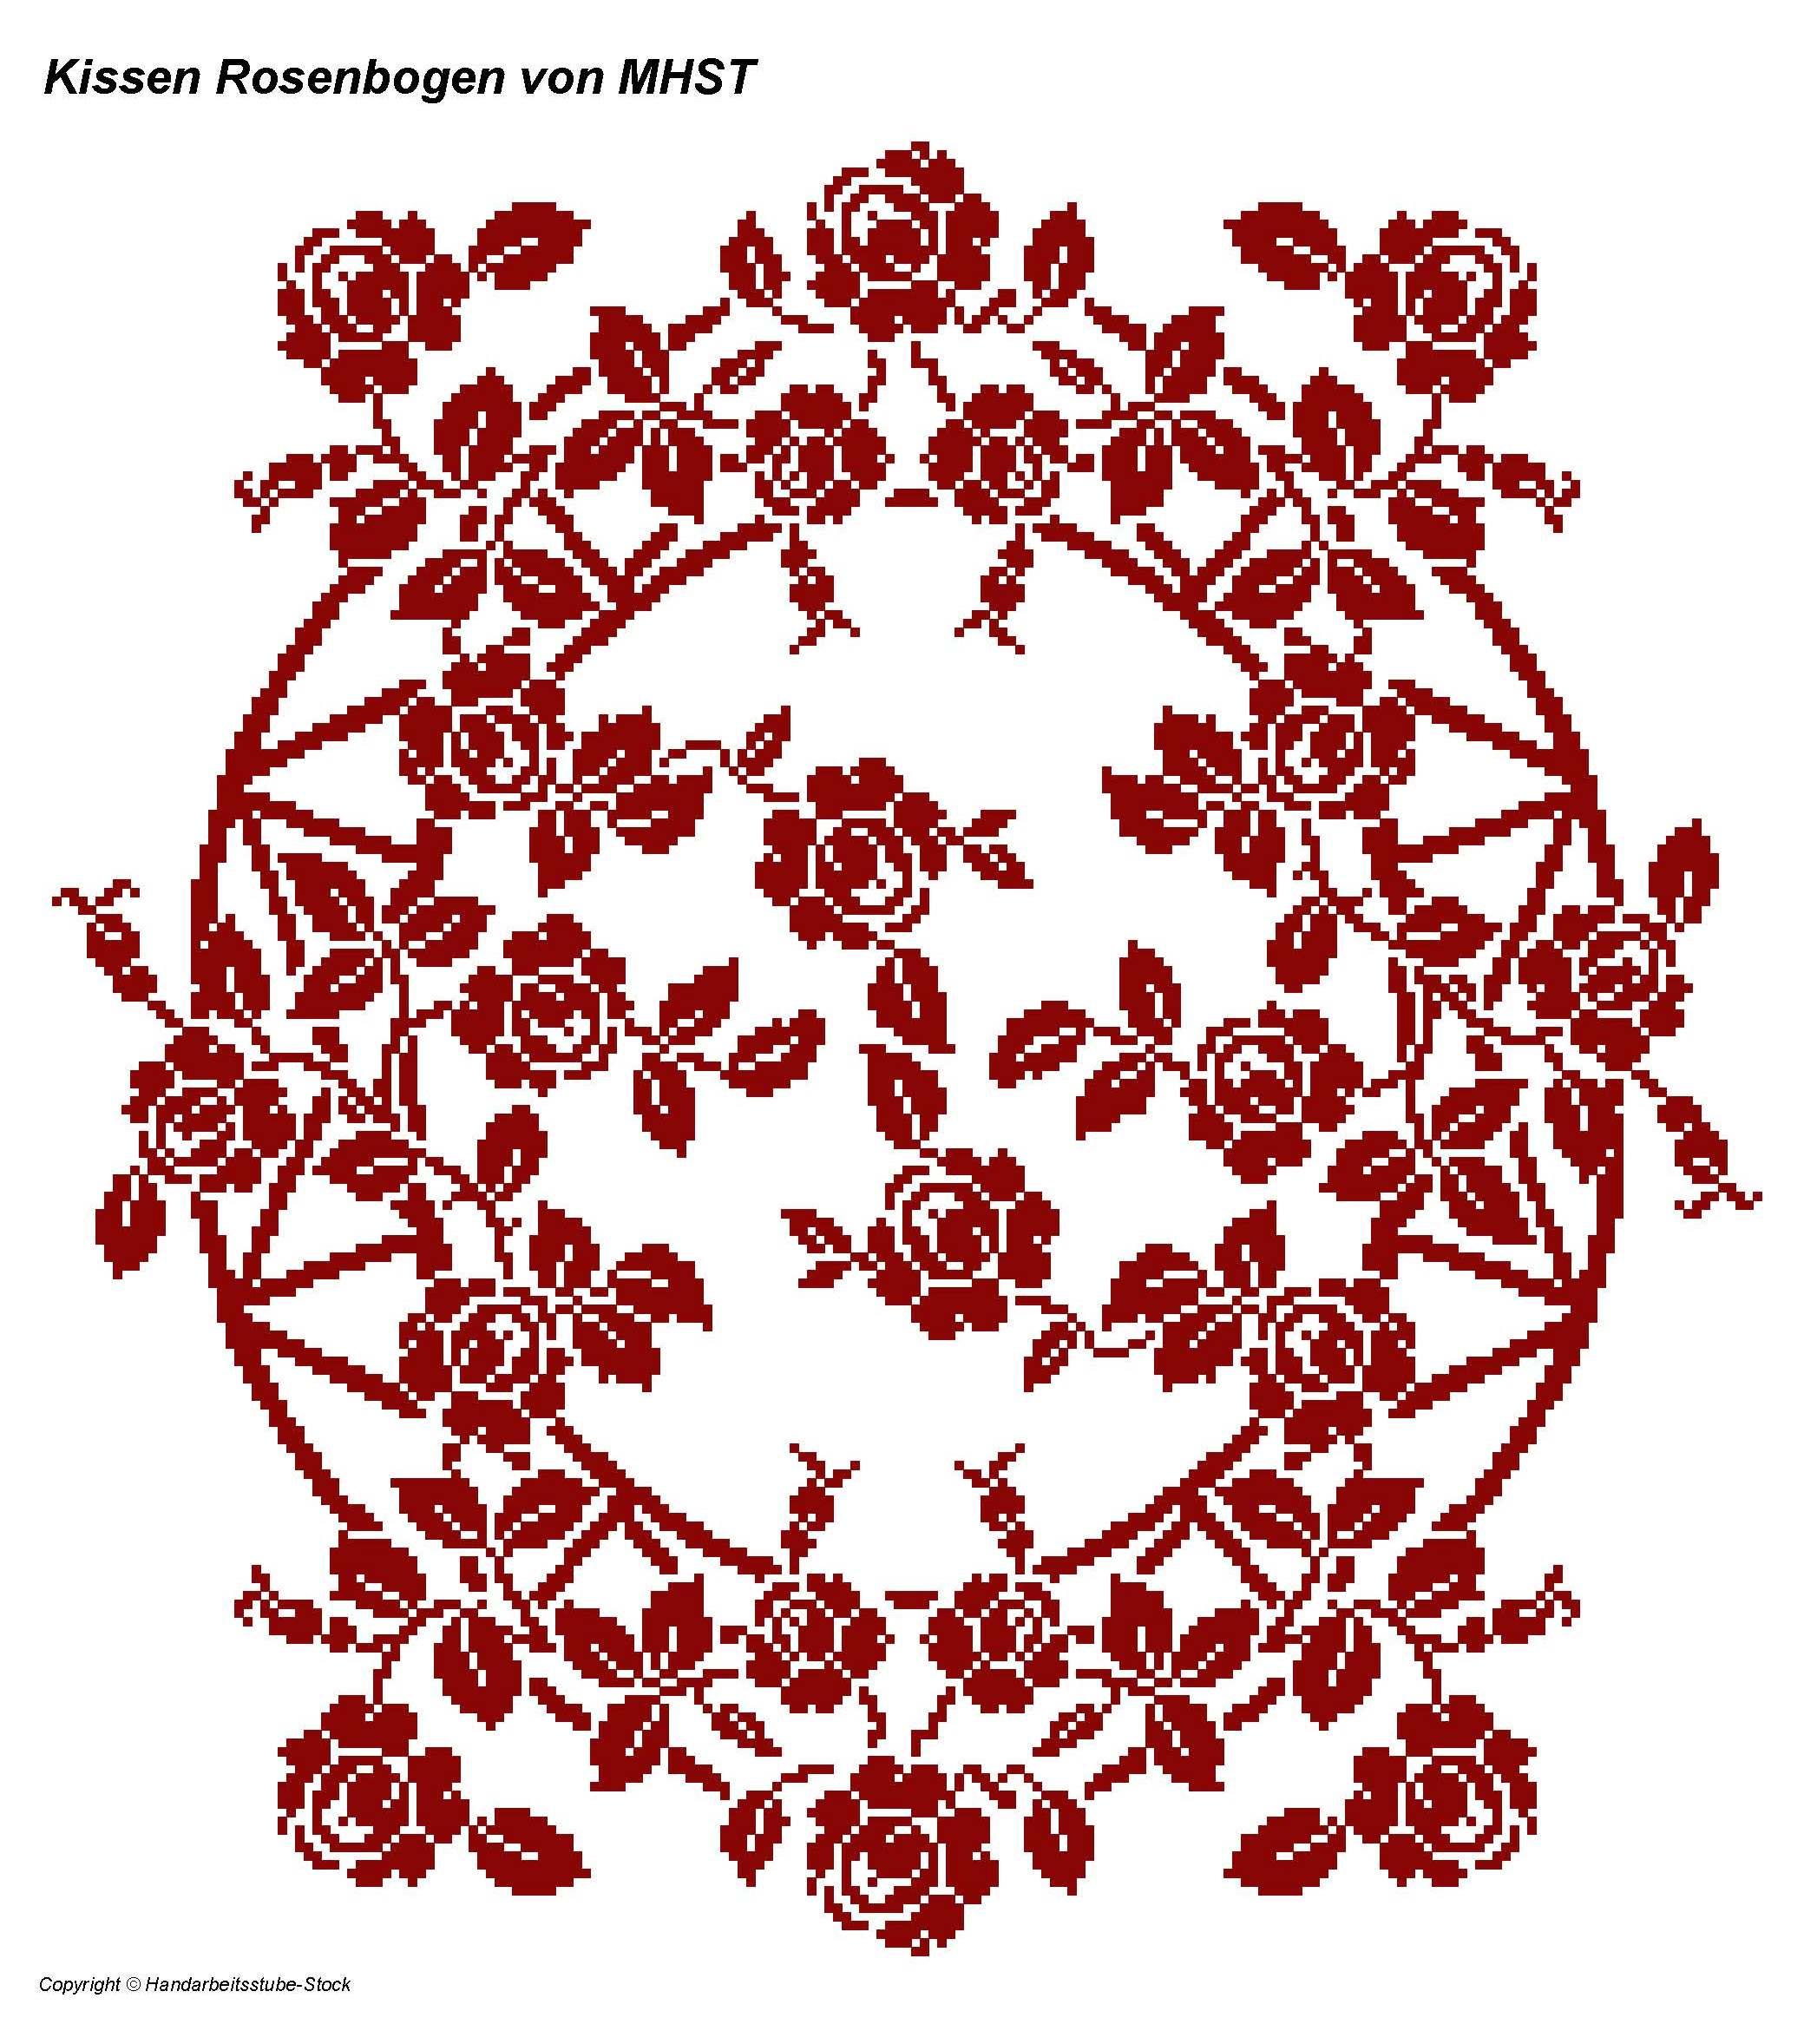 Kissen Rosenbogen